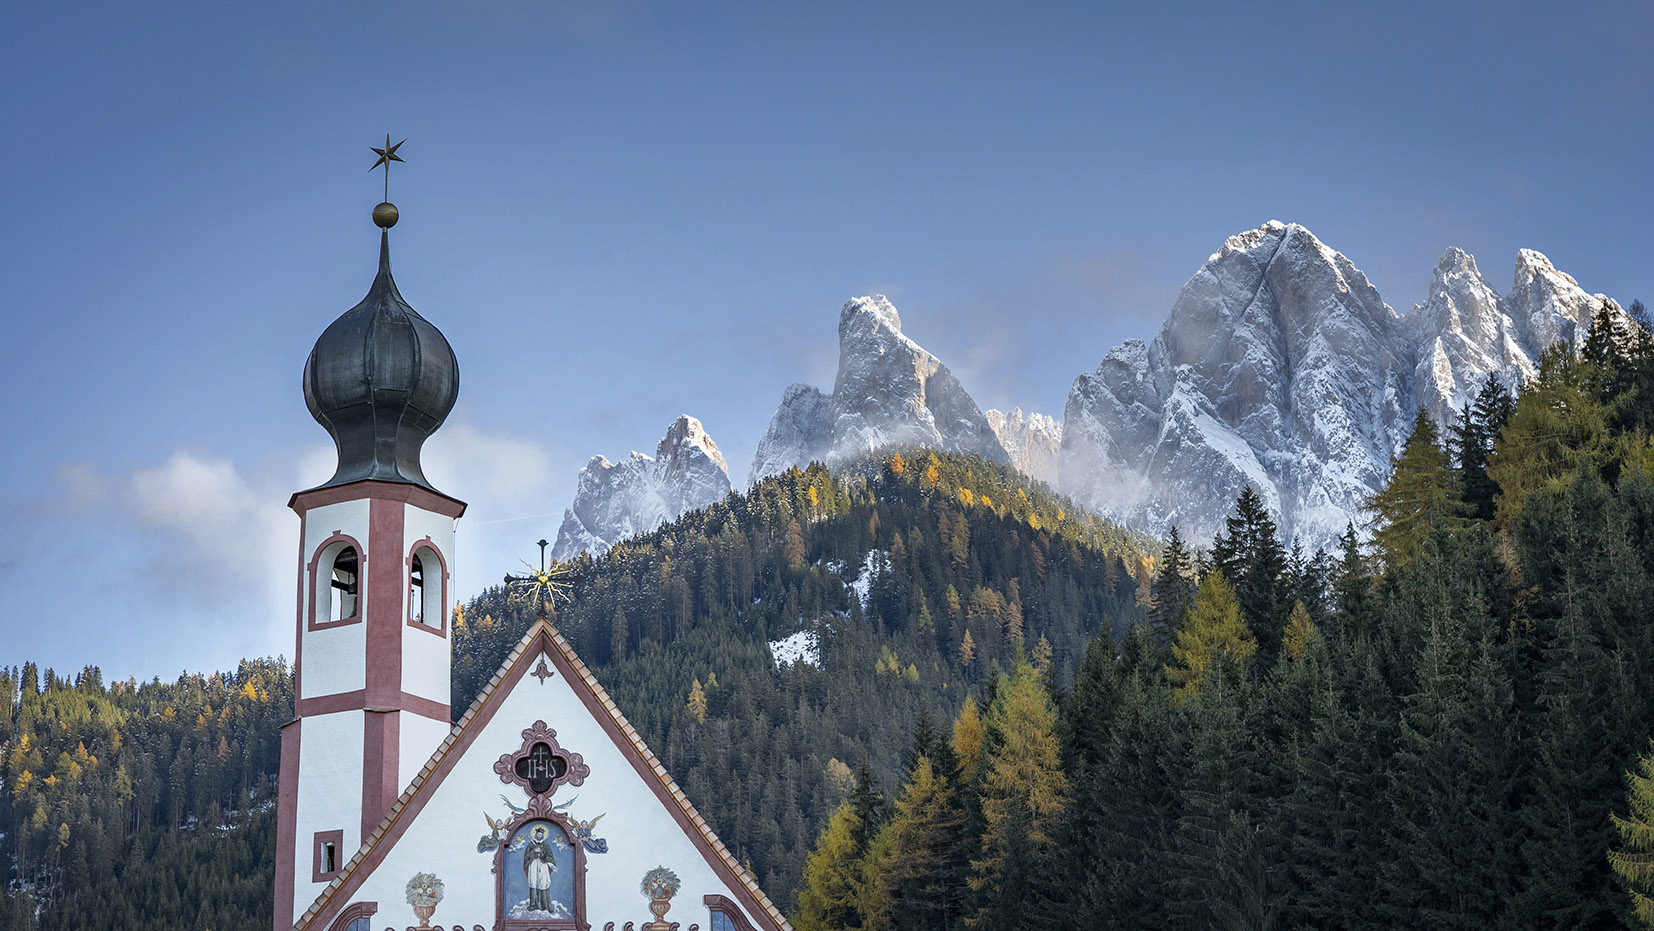 église SanGiovanni une semaine dans les Dolomites clocher église sapins orangés montagnes neige